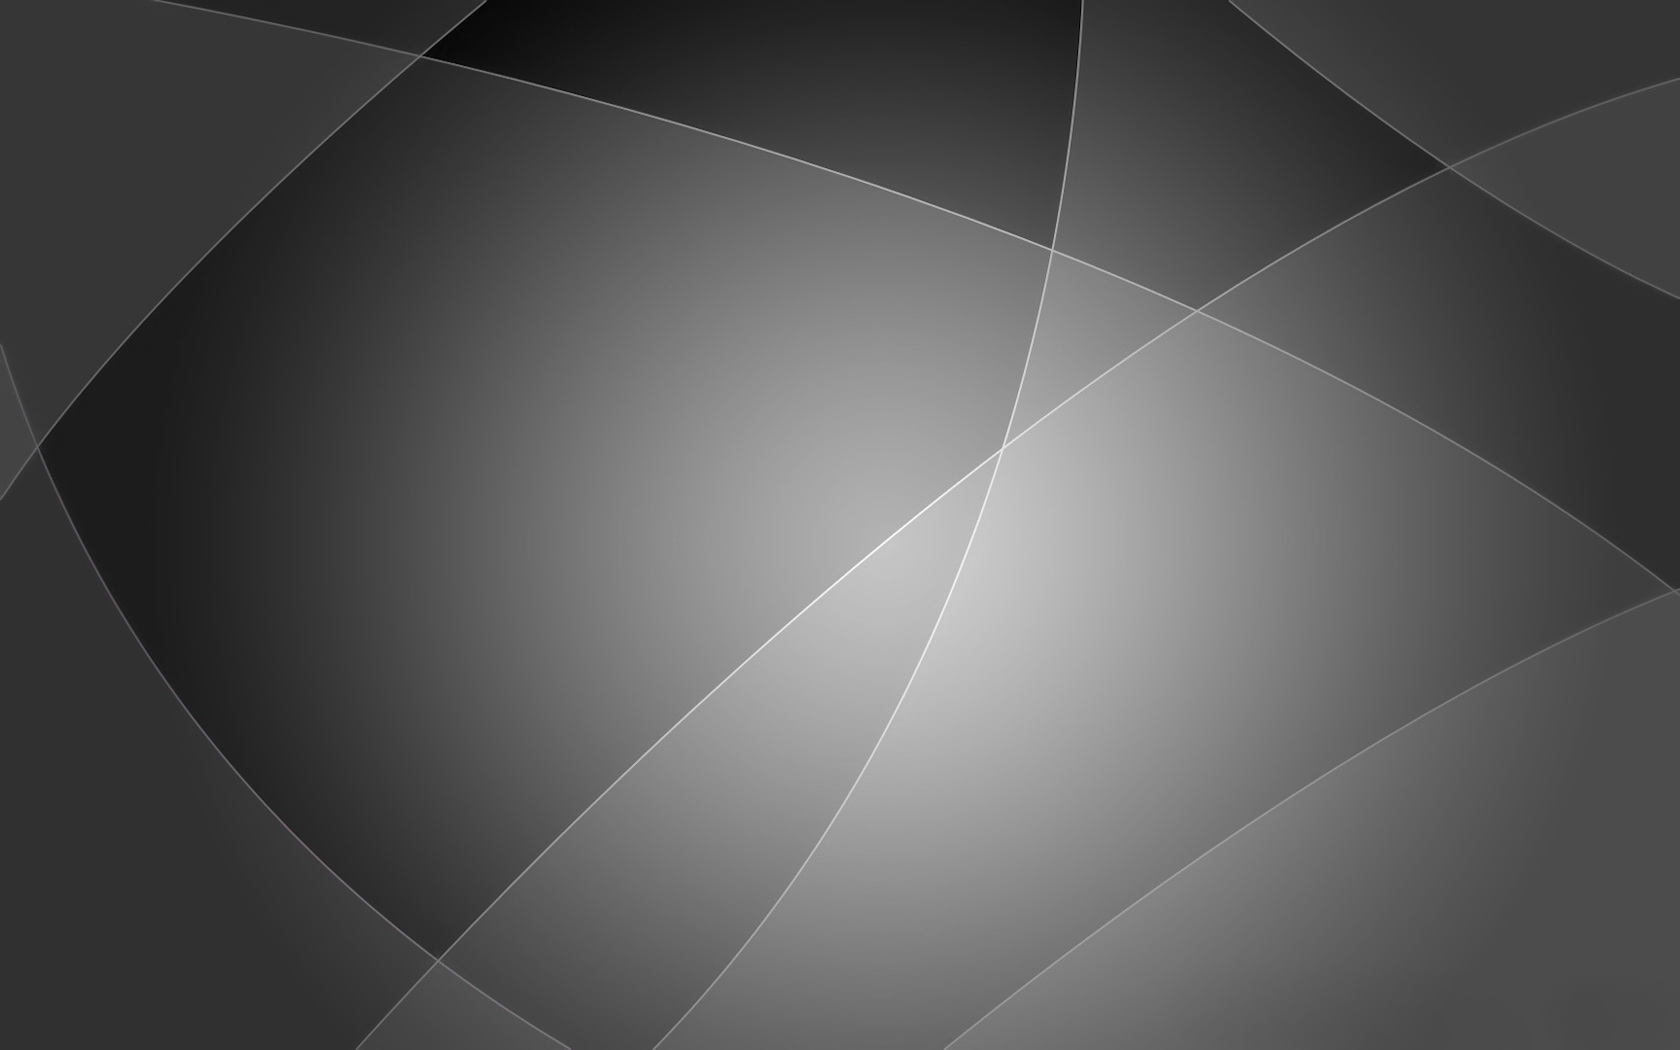 50 Gray Desktop Wallpaper On Wallpapersafari